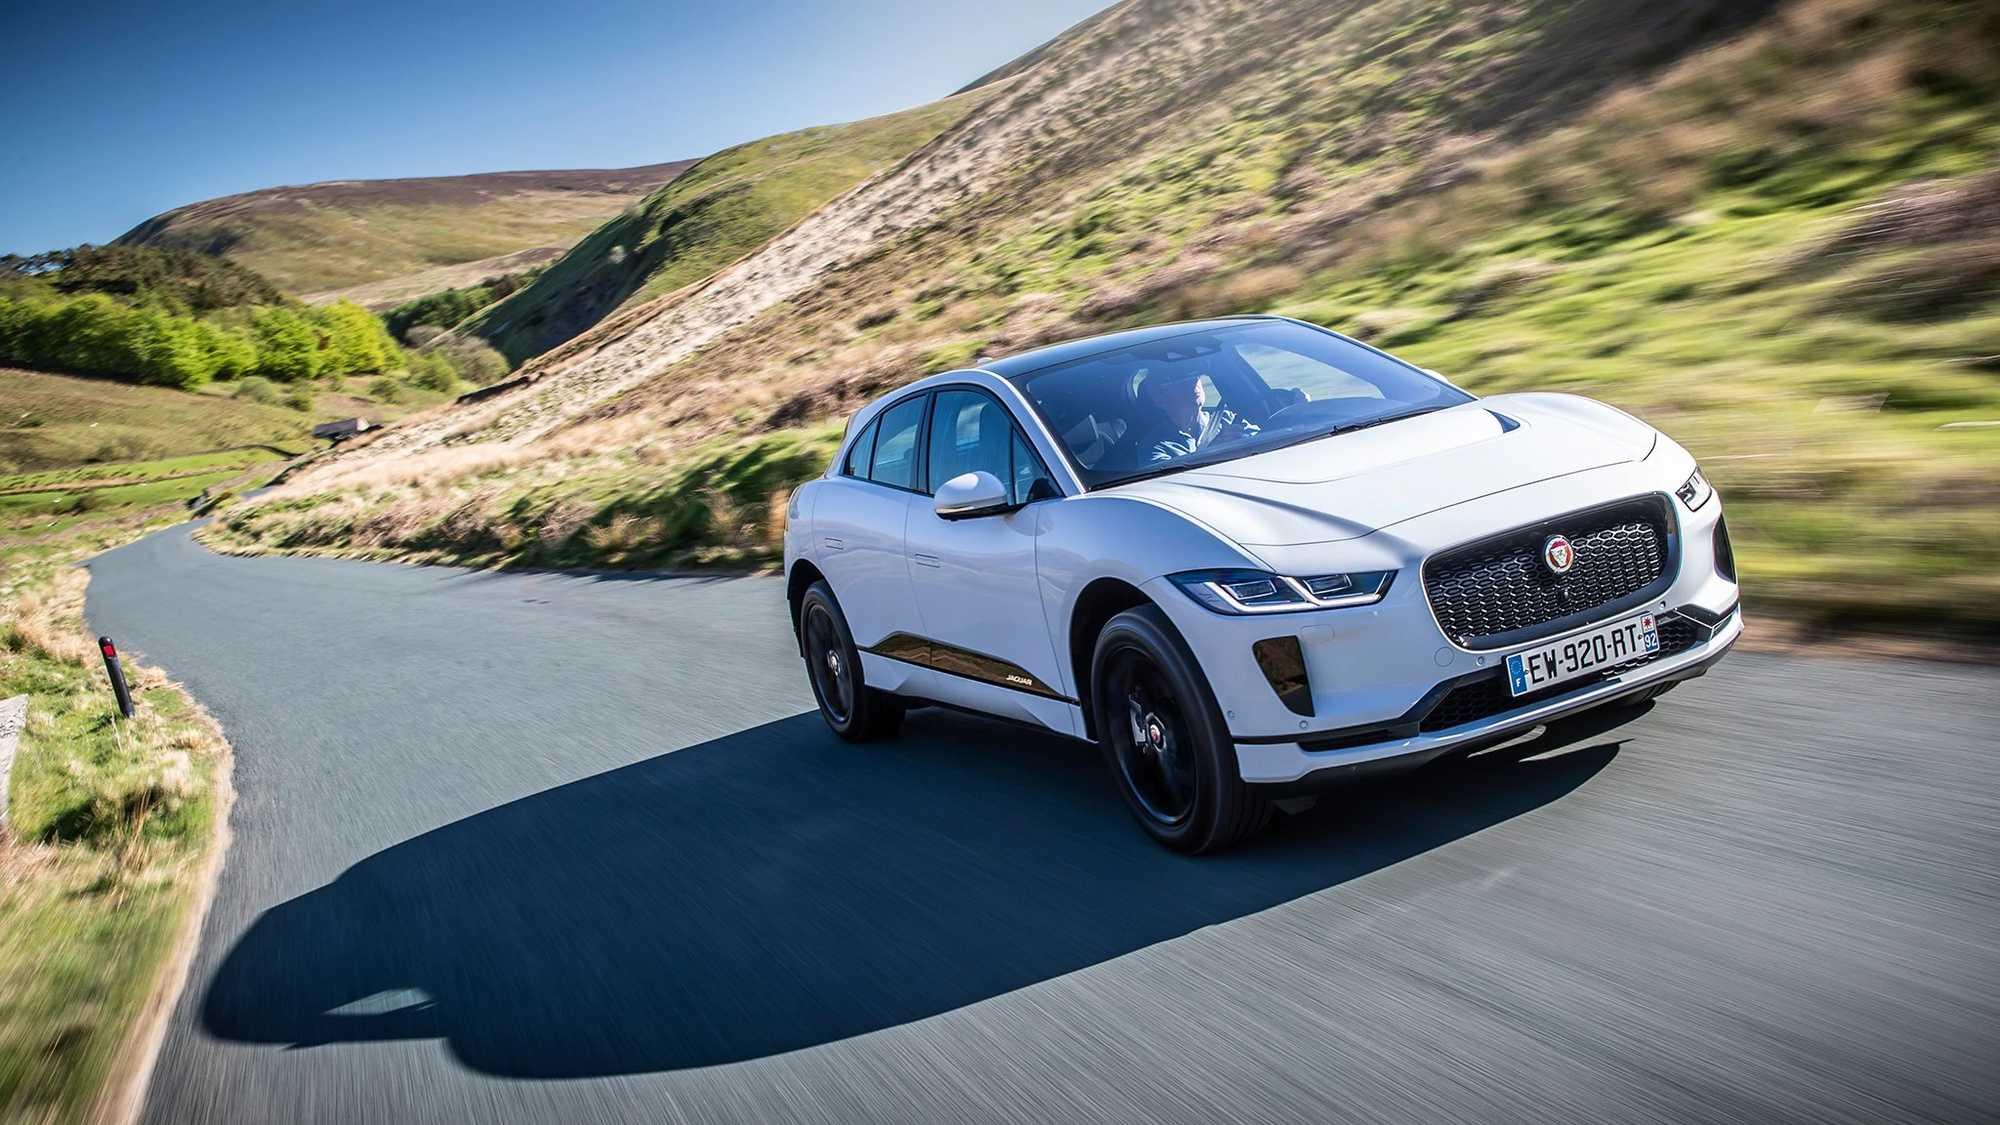 Jaguar f-pace 2019: кроссовер для любителей английского стиля